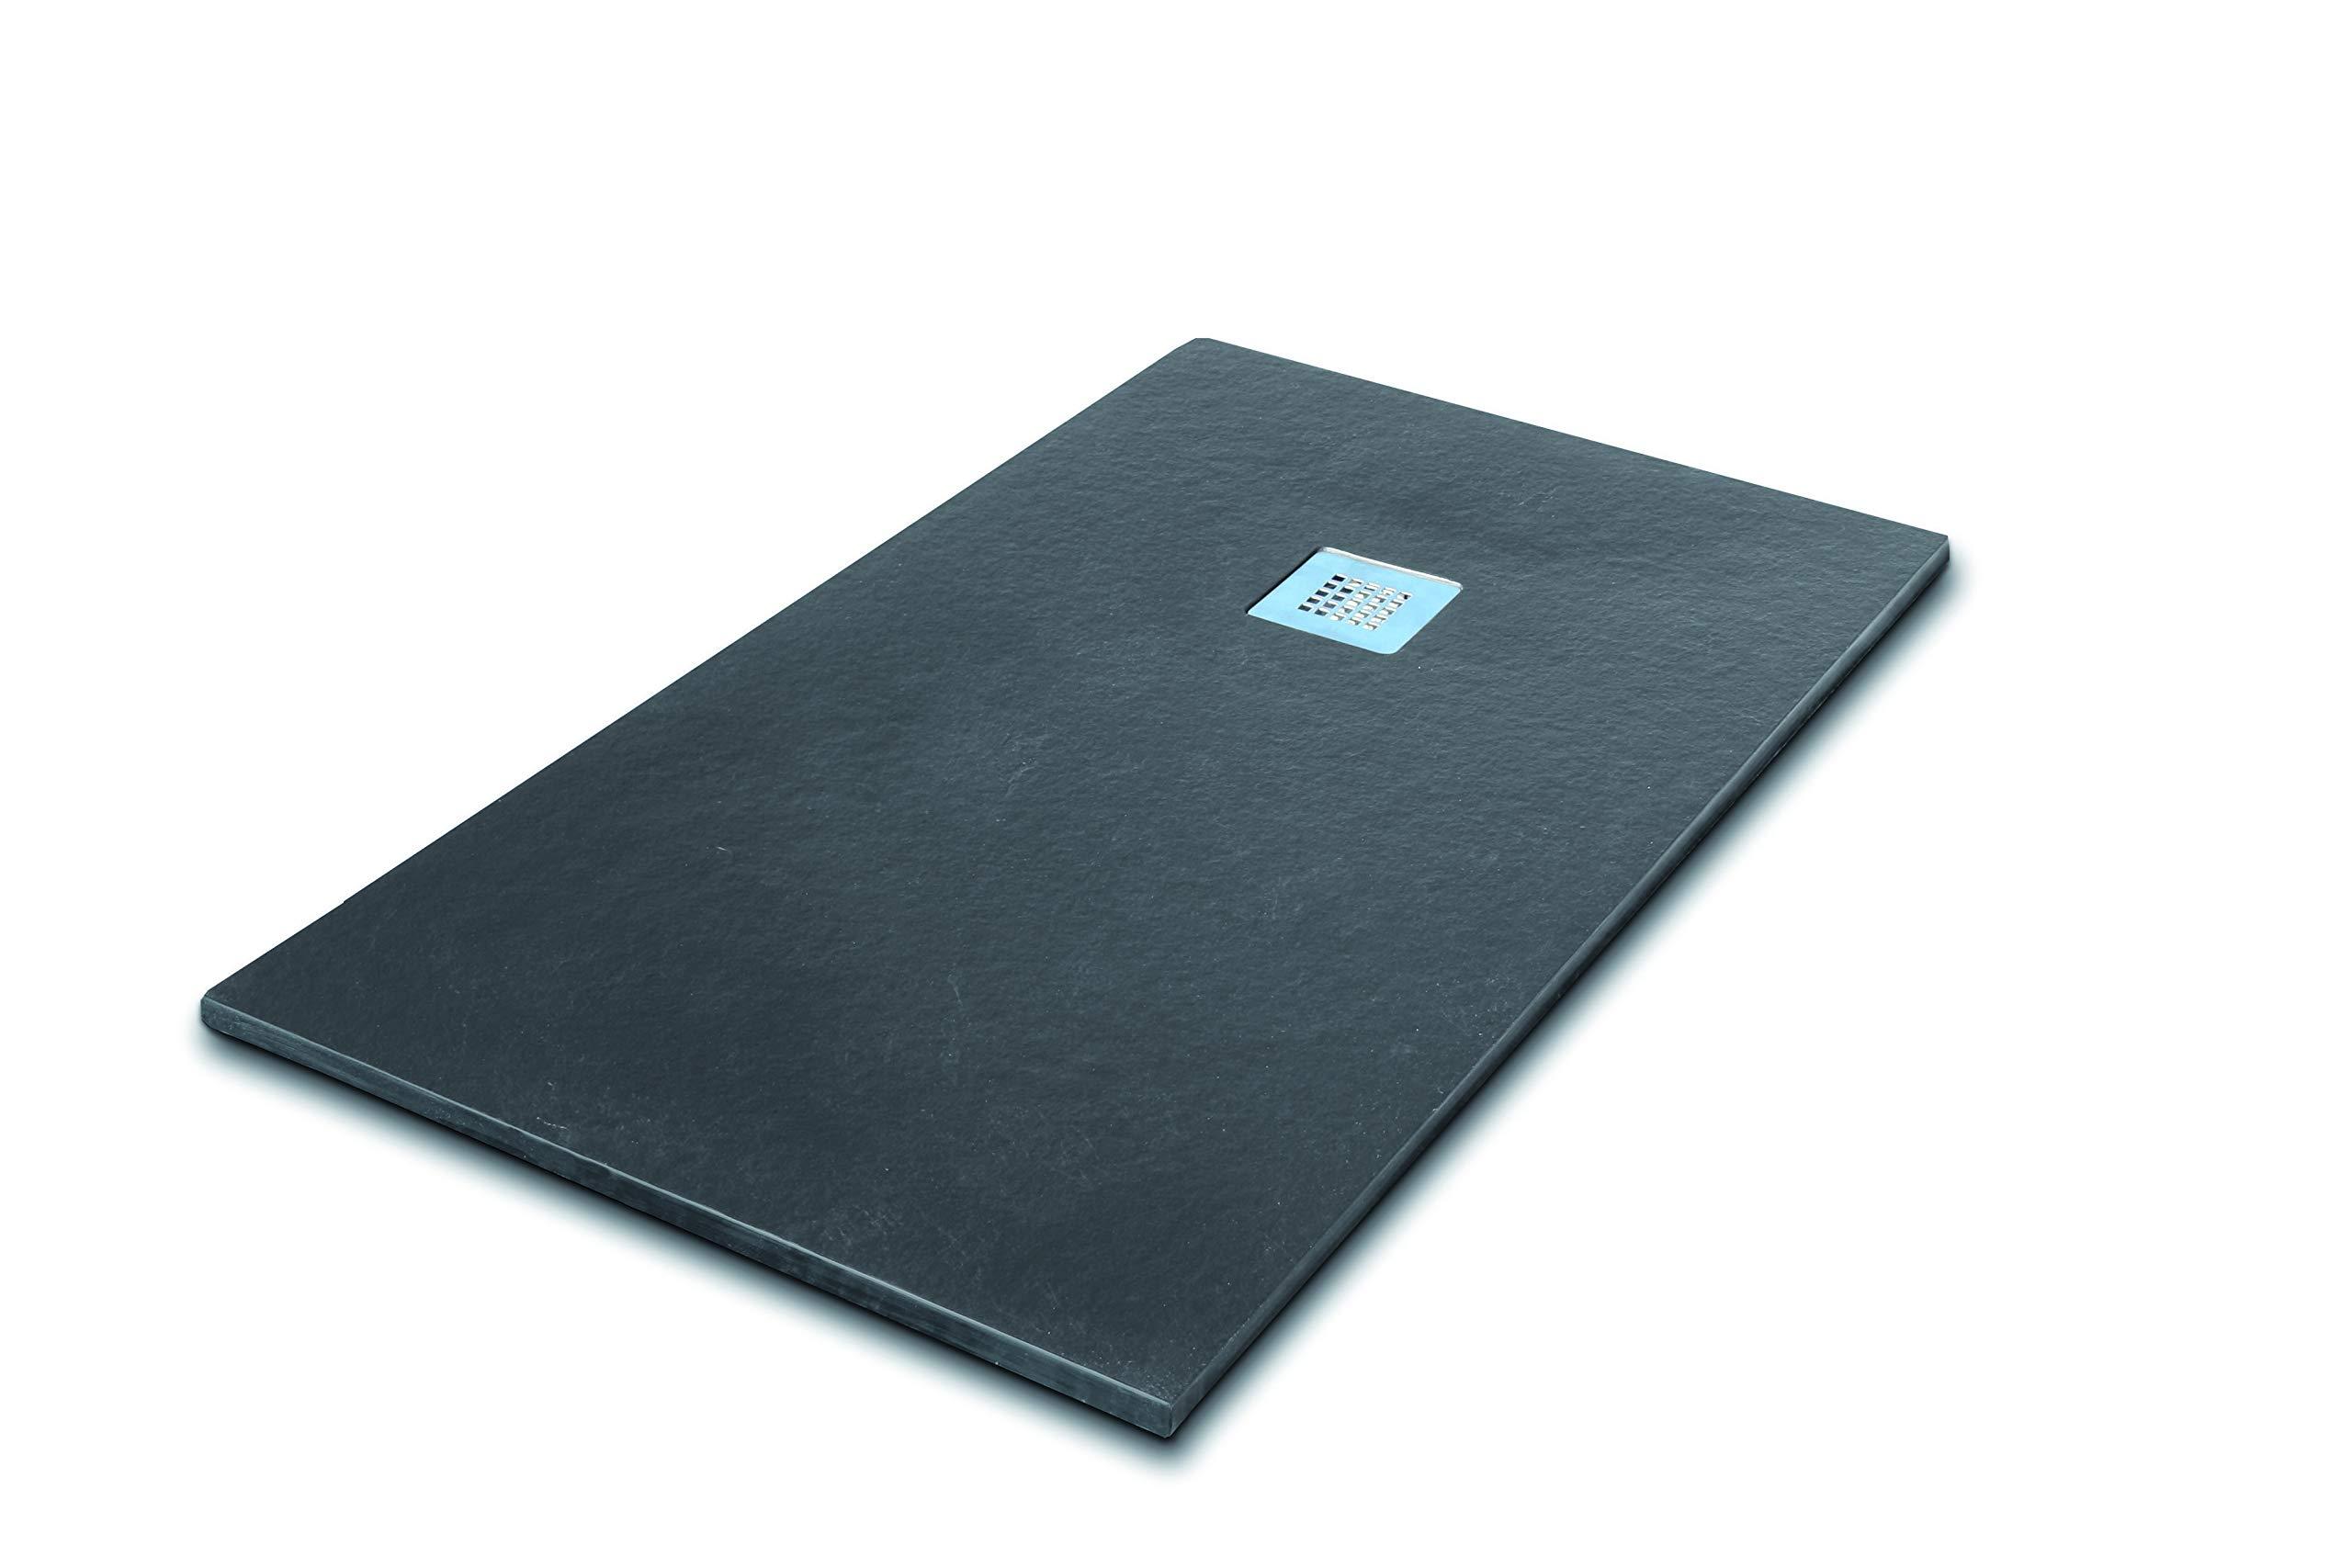 SEVIBAN - Modelo ALTAIR - Plato de Ducha de Resina con Carga Mineral - Textura Pizarra - Grafito Ral: 7016 (80 x 160): Amazon.es: Bricolaje y herramientas